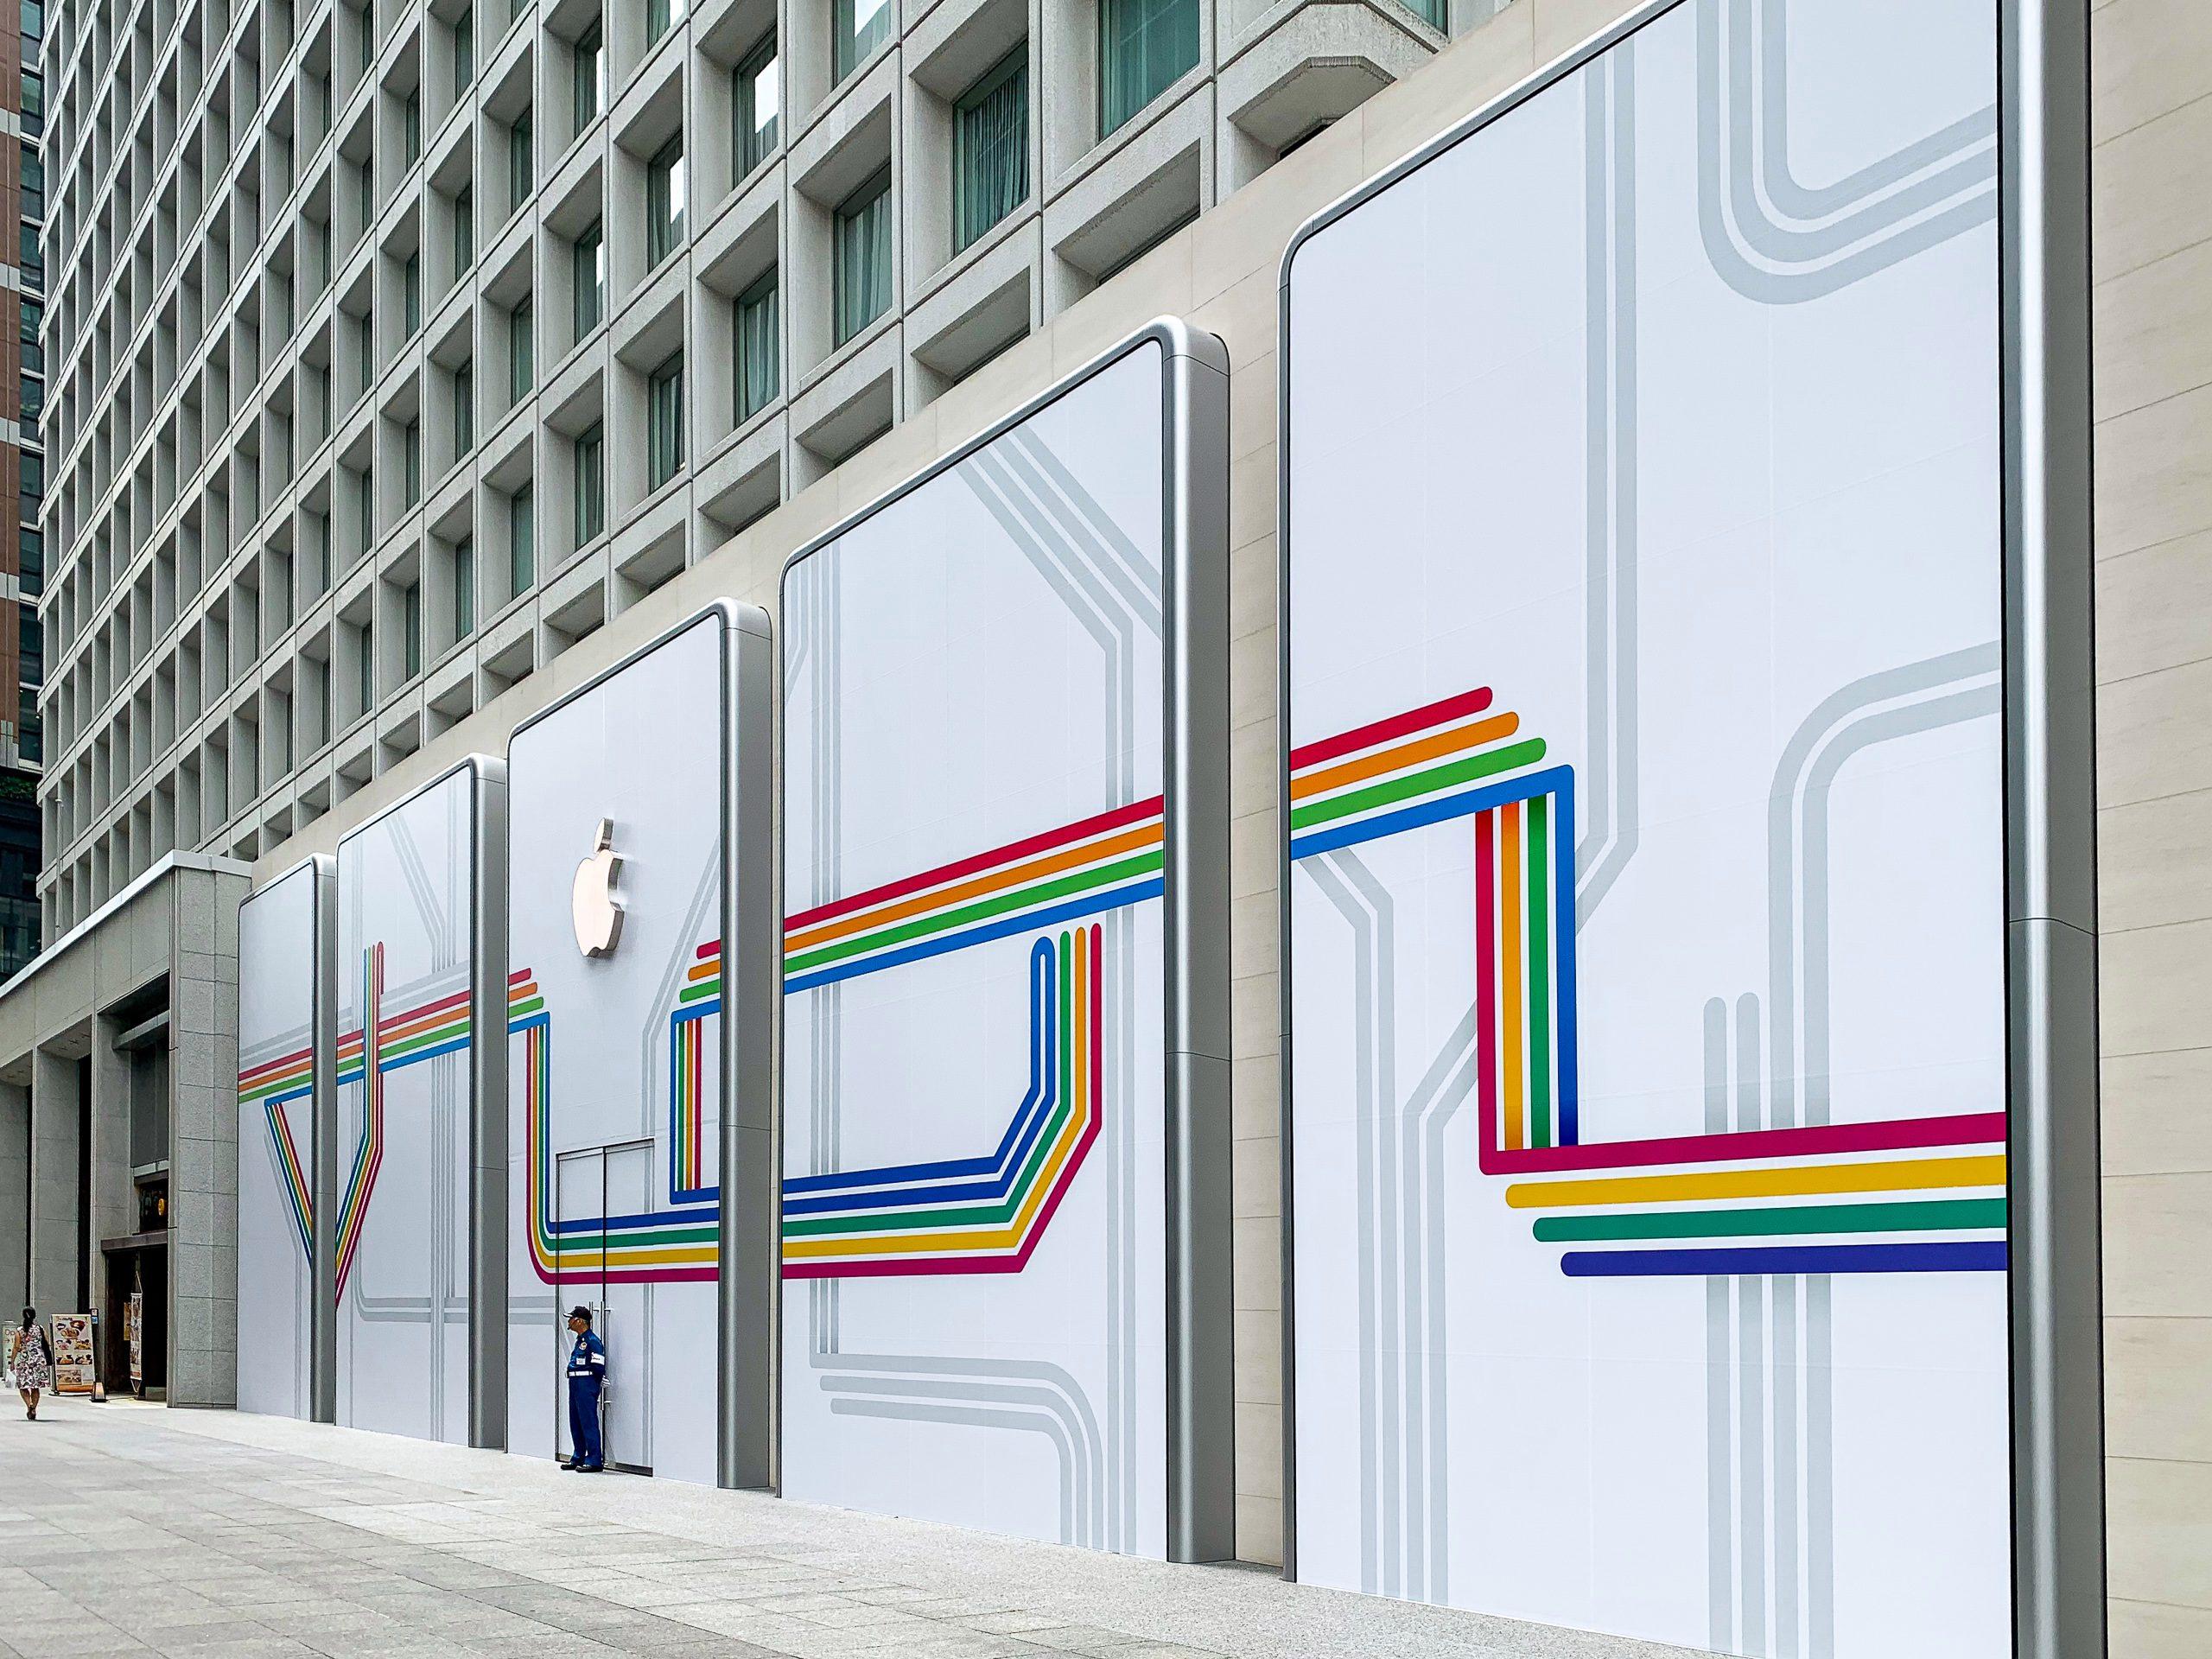 Quinto negozio Apple a Tokyo, apre il 7 settembre